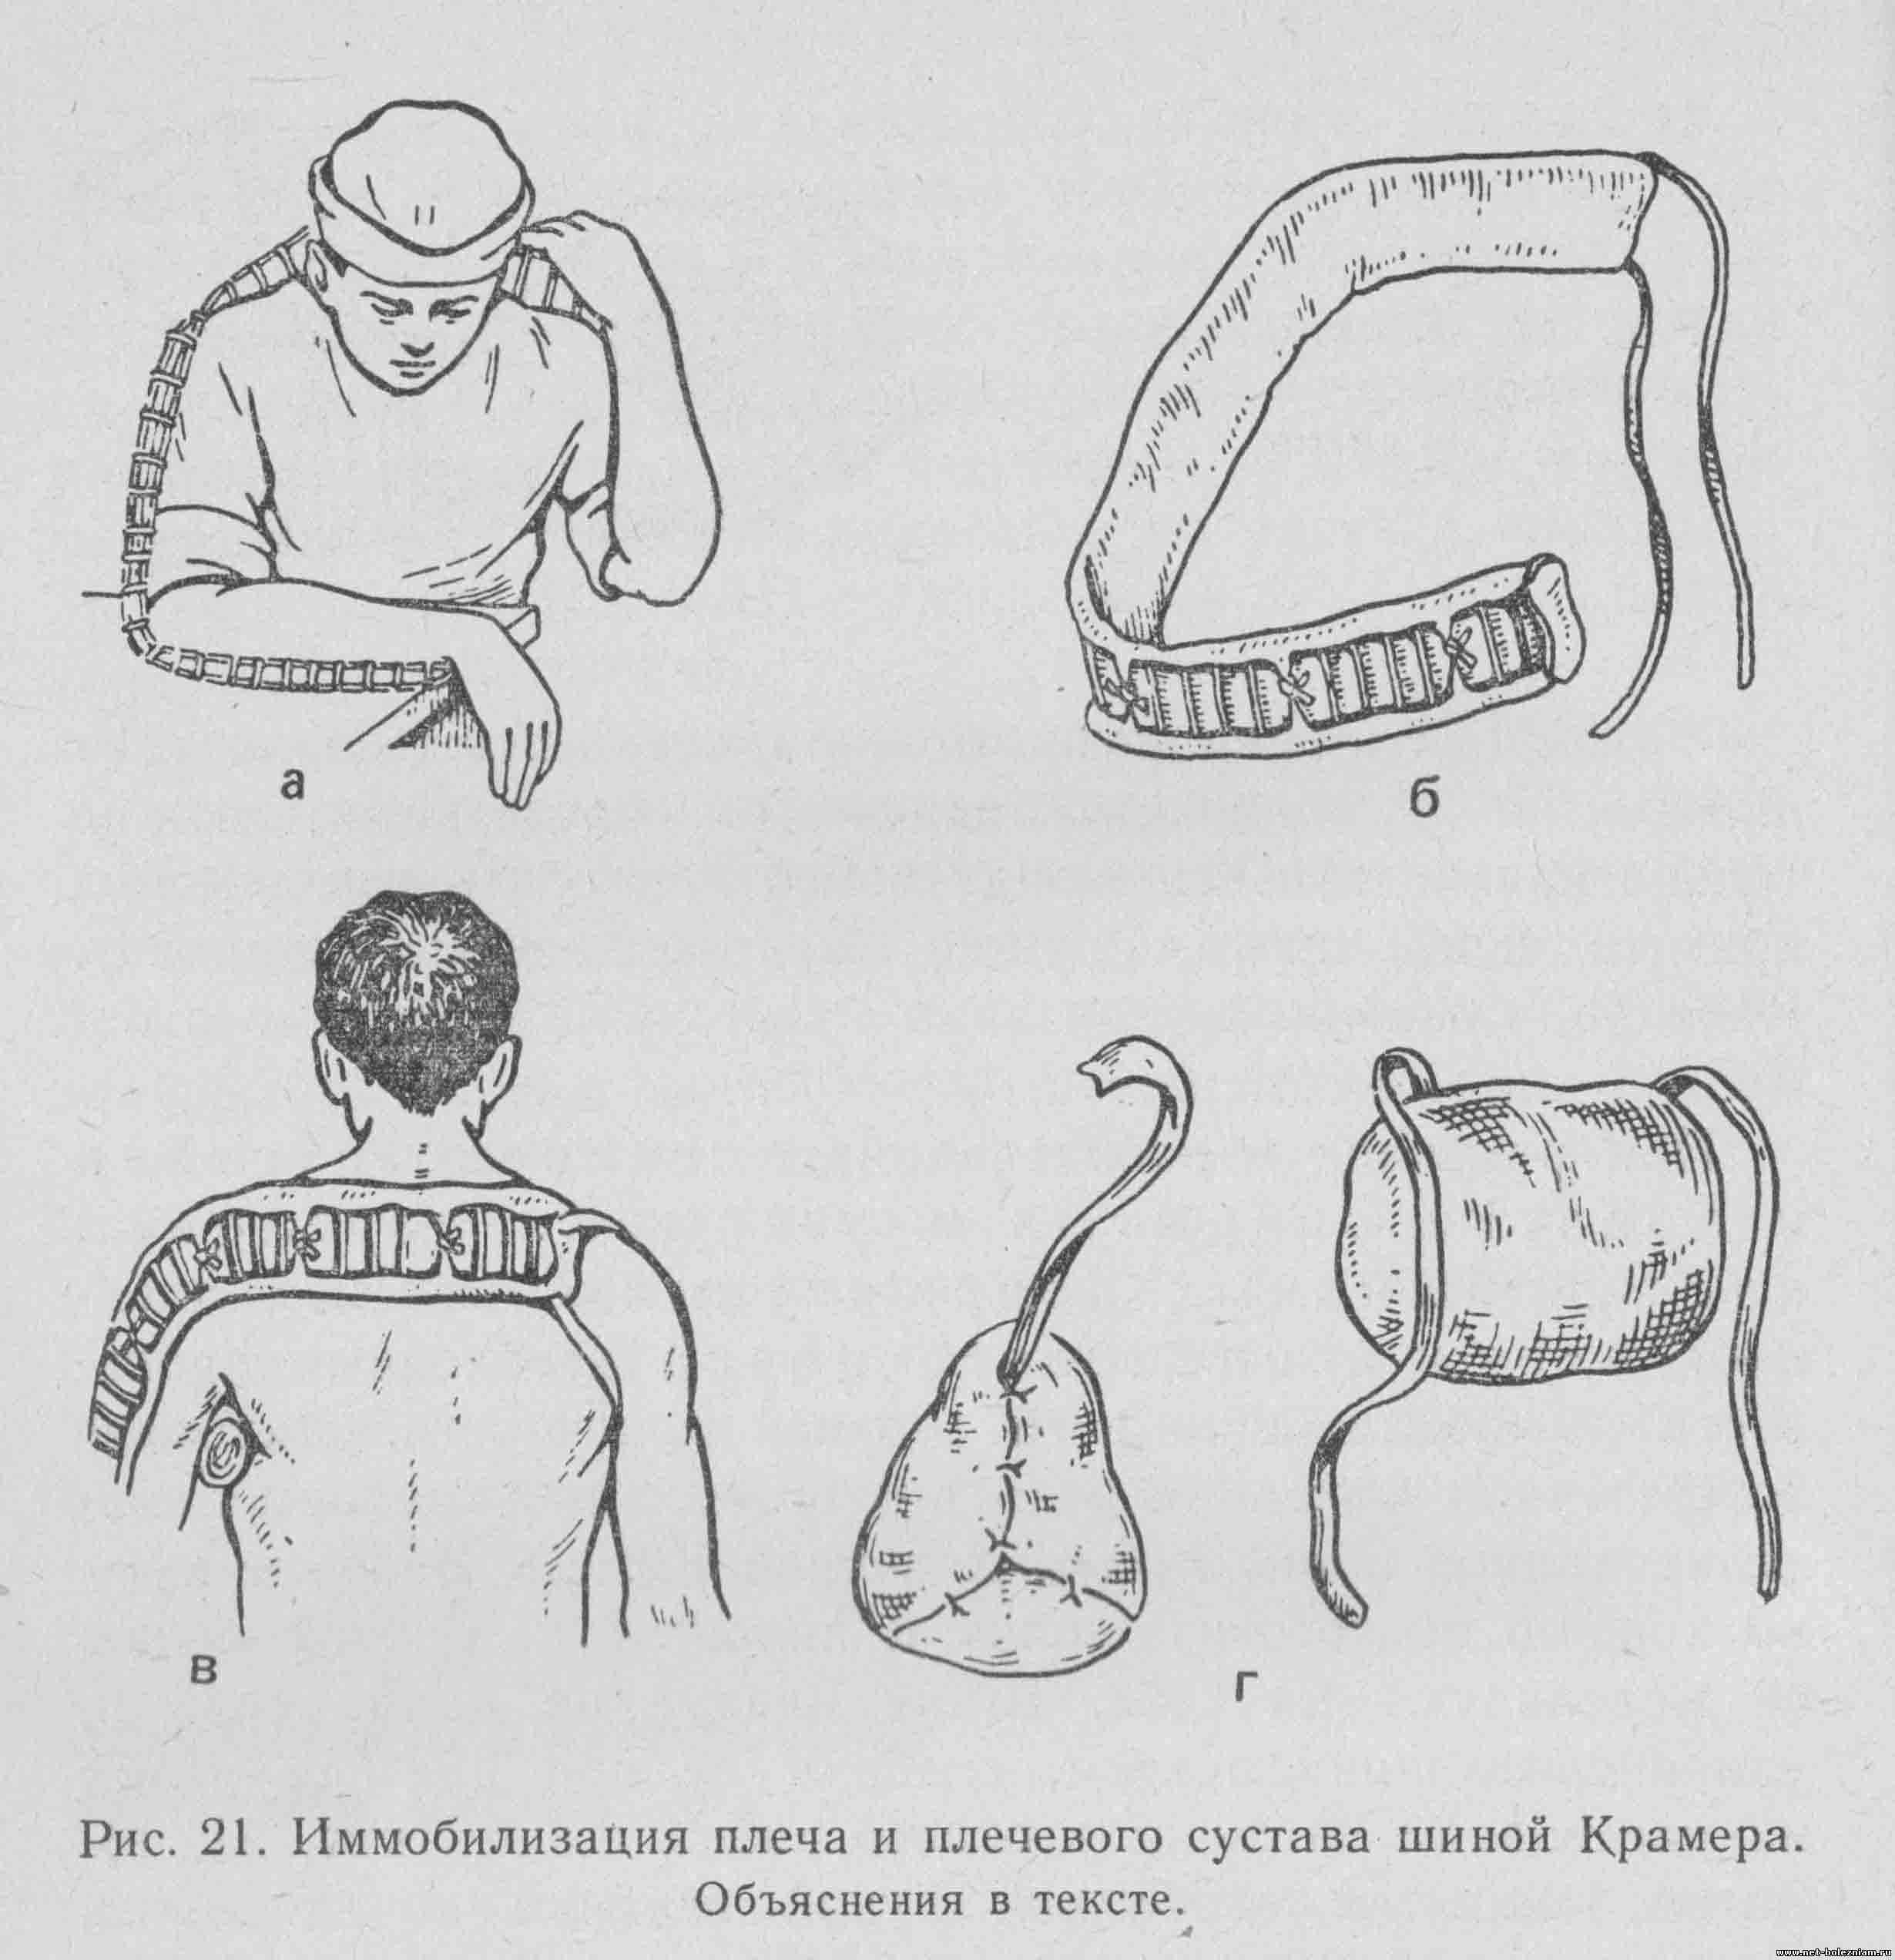 Иммобилизация плеча и плечевого сустава шиной Крамера